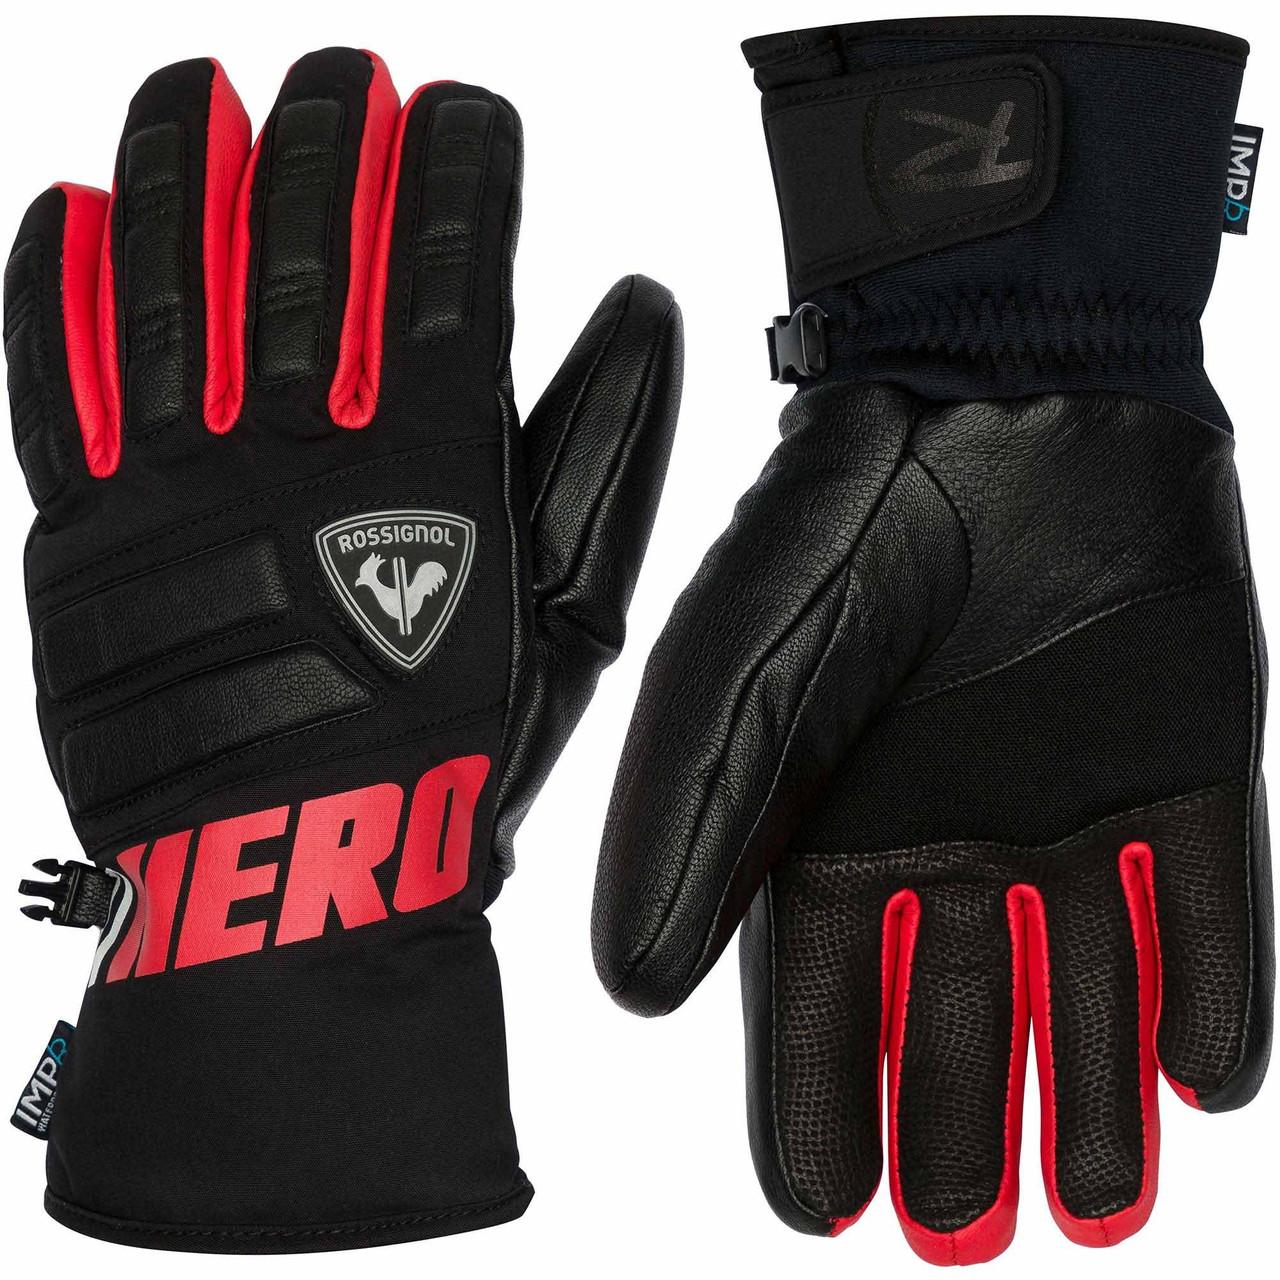 Горнолыжные перчатки ROSSIGNOL WC MASTER IMPR red  р XXL